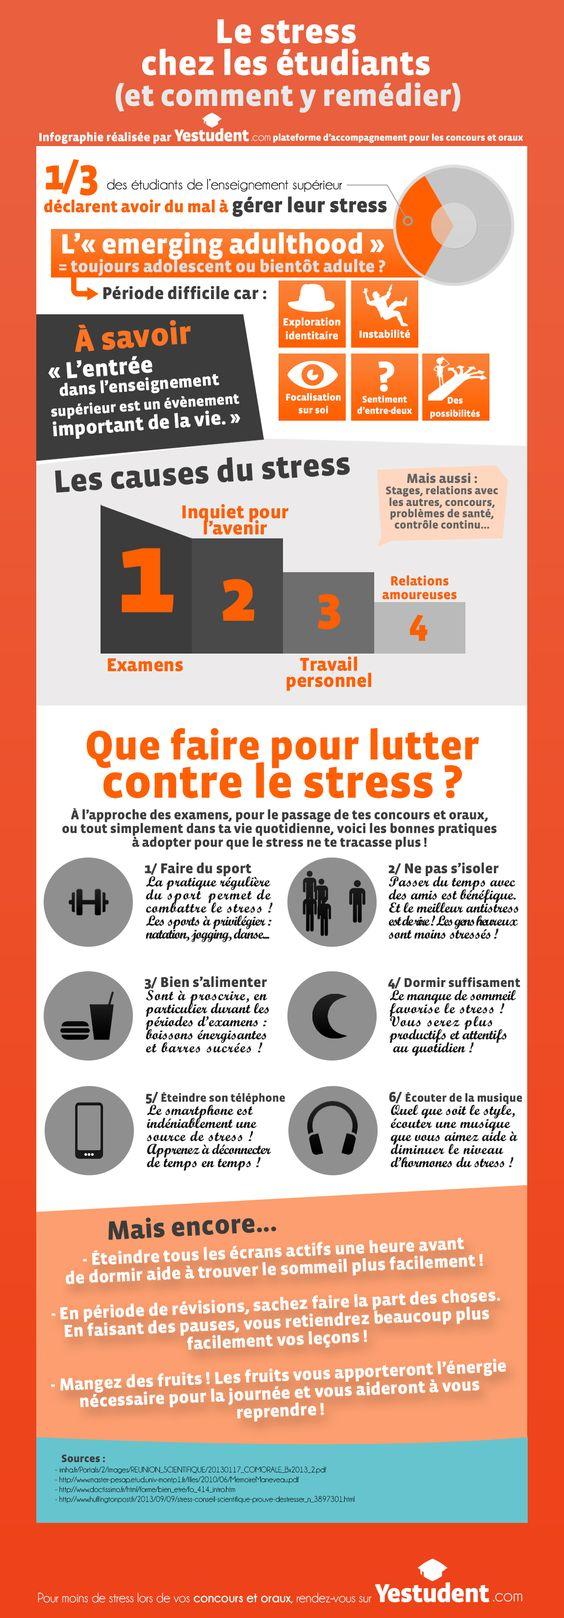 infographie : le stress chez les étudiants (et comment y remédier) | les défis mondiaux, la santé